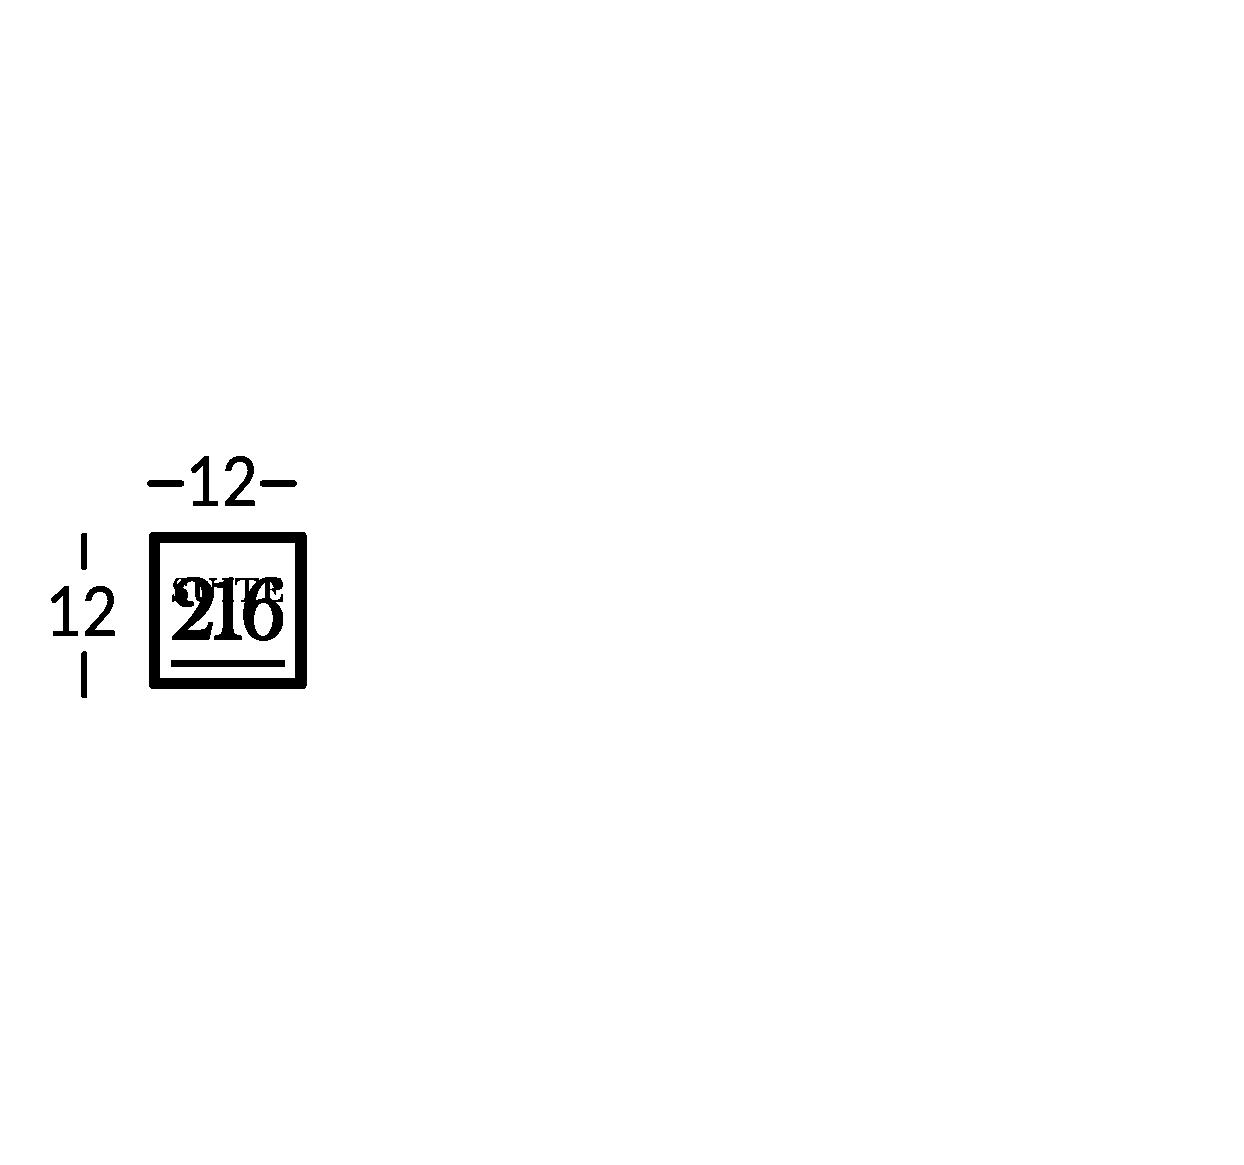 Ligne de signalétique en laiton vieilli foncé, avec caractères gravés en laiton naturel.